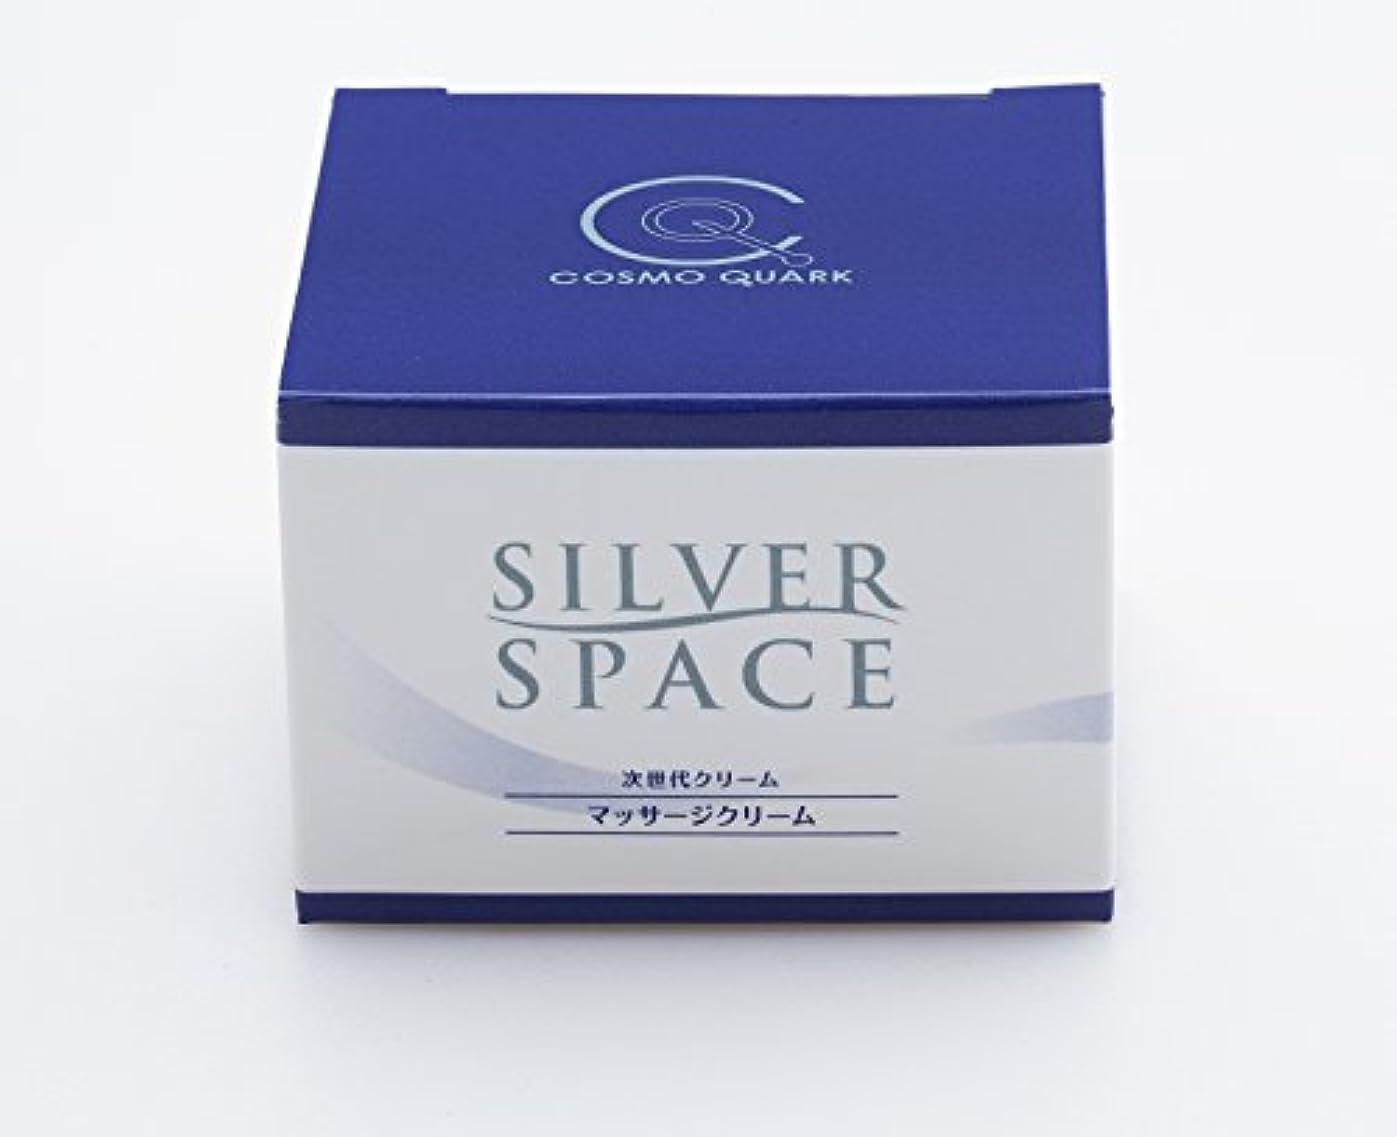 ごみ増強生理クオンタムキュア(Quantum Cure)SILVER SPACE シルバースペース